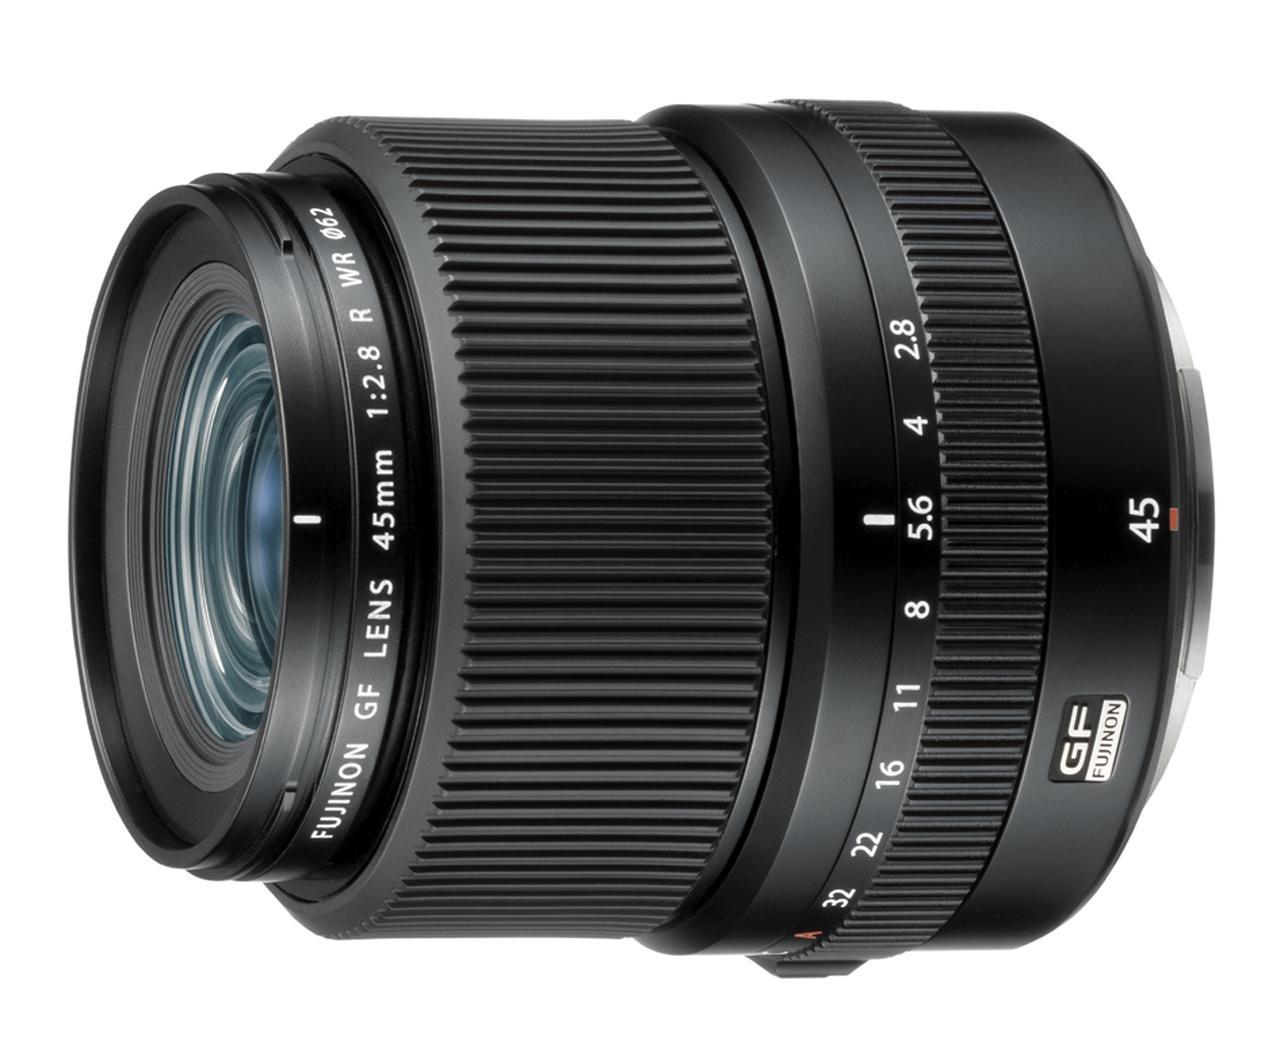 画像1: <諏訪光二 ファースト・インプレッション> 高画質だが小型軽量! ラクラク・スナップの中判用広角レンズ!  フジノンレンズ GF45mmF2.8 R WR